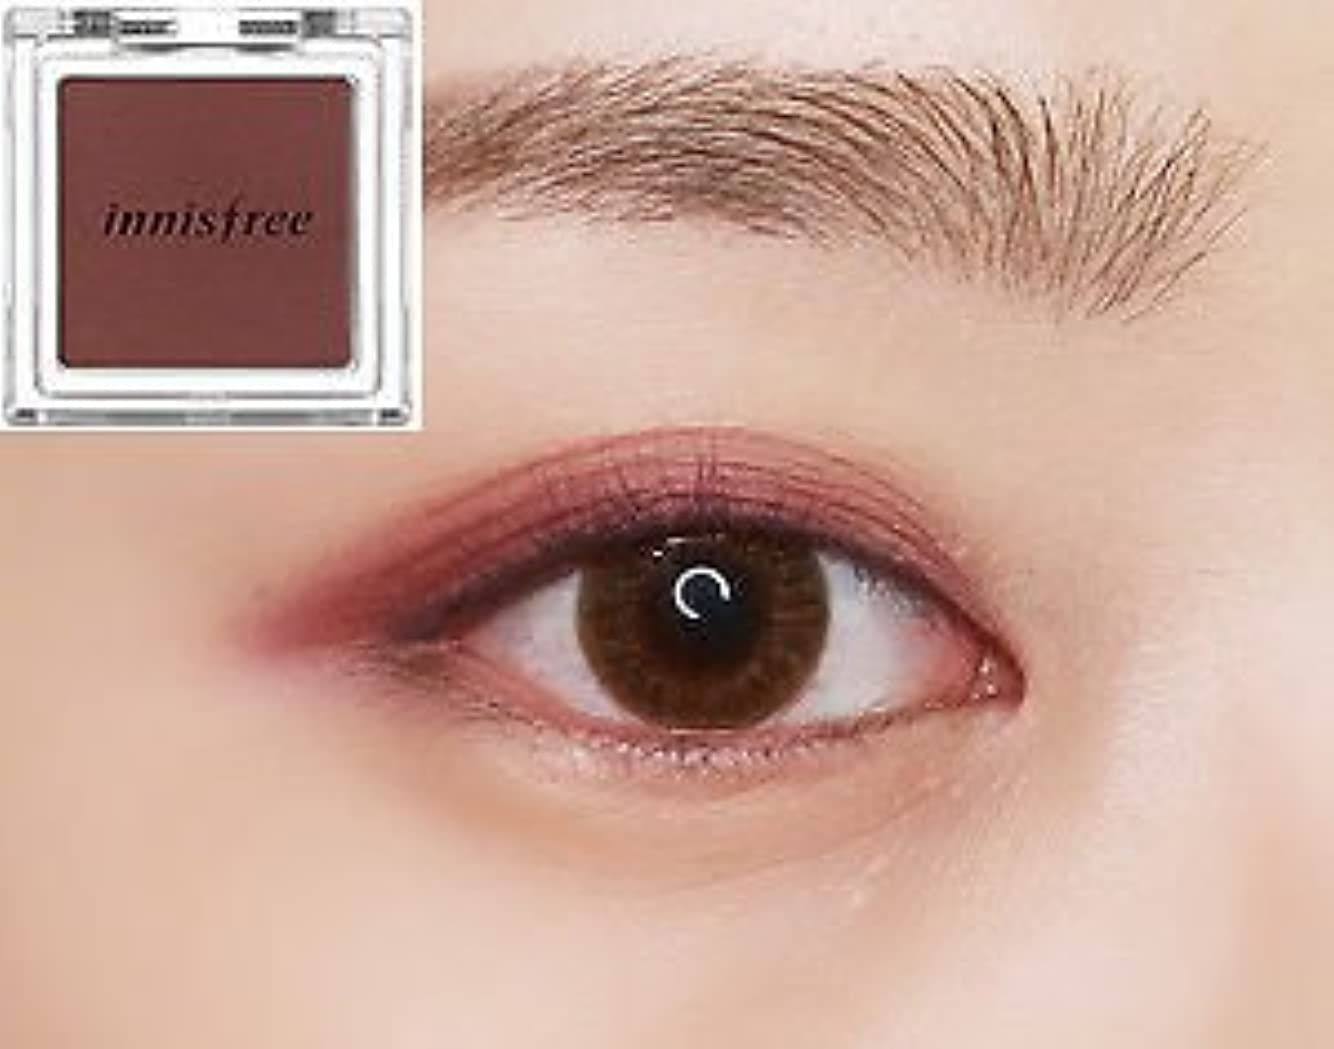 代替品種卒業[イニスフリー] innisfree [マイ パレット マイ アイシャドウ (マット) 40カラー] MY PALETTE My Eyeshadow (Matte) 40 Shades [海外直送品] (マット #30)